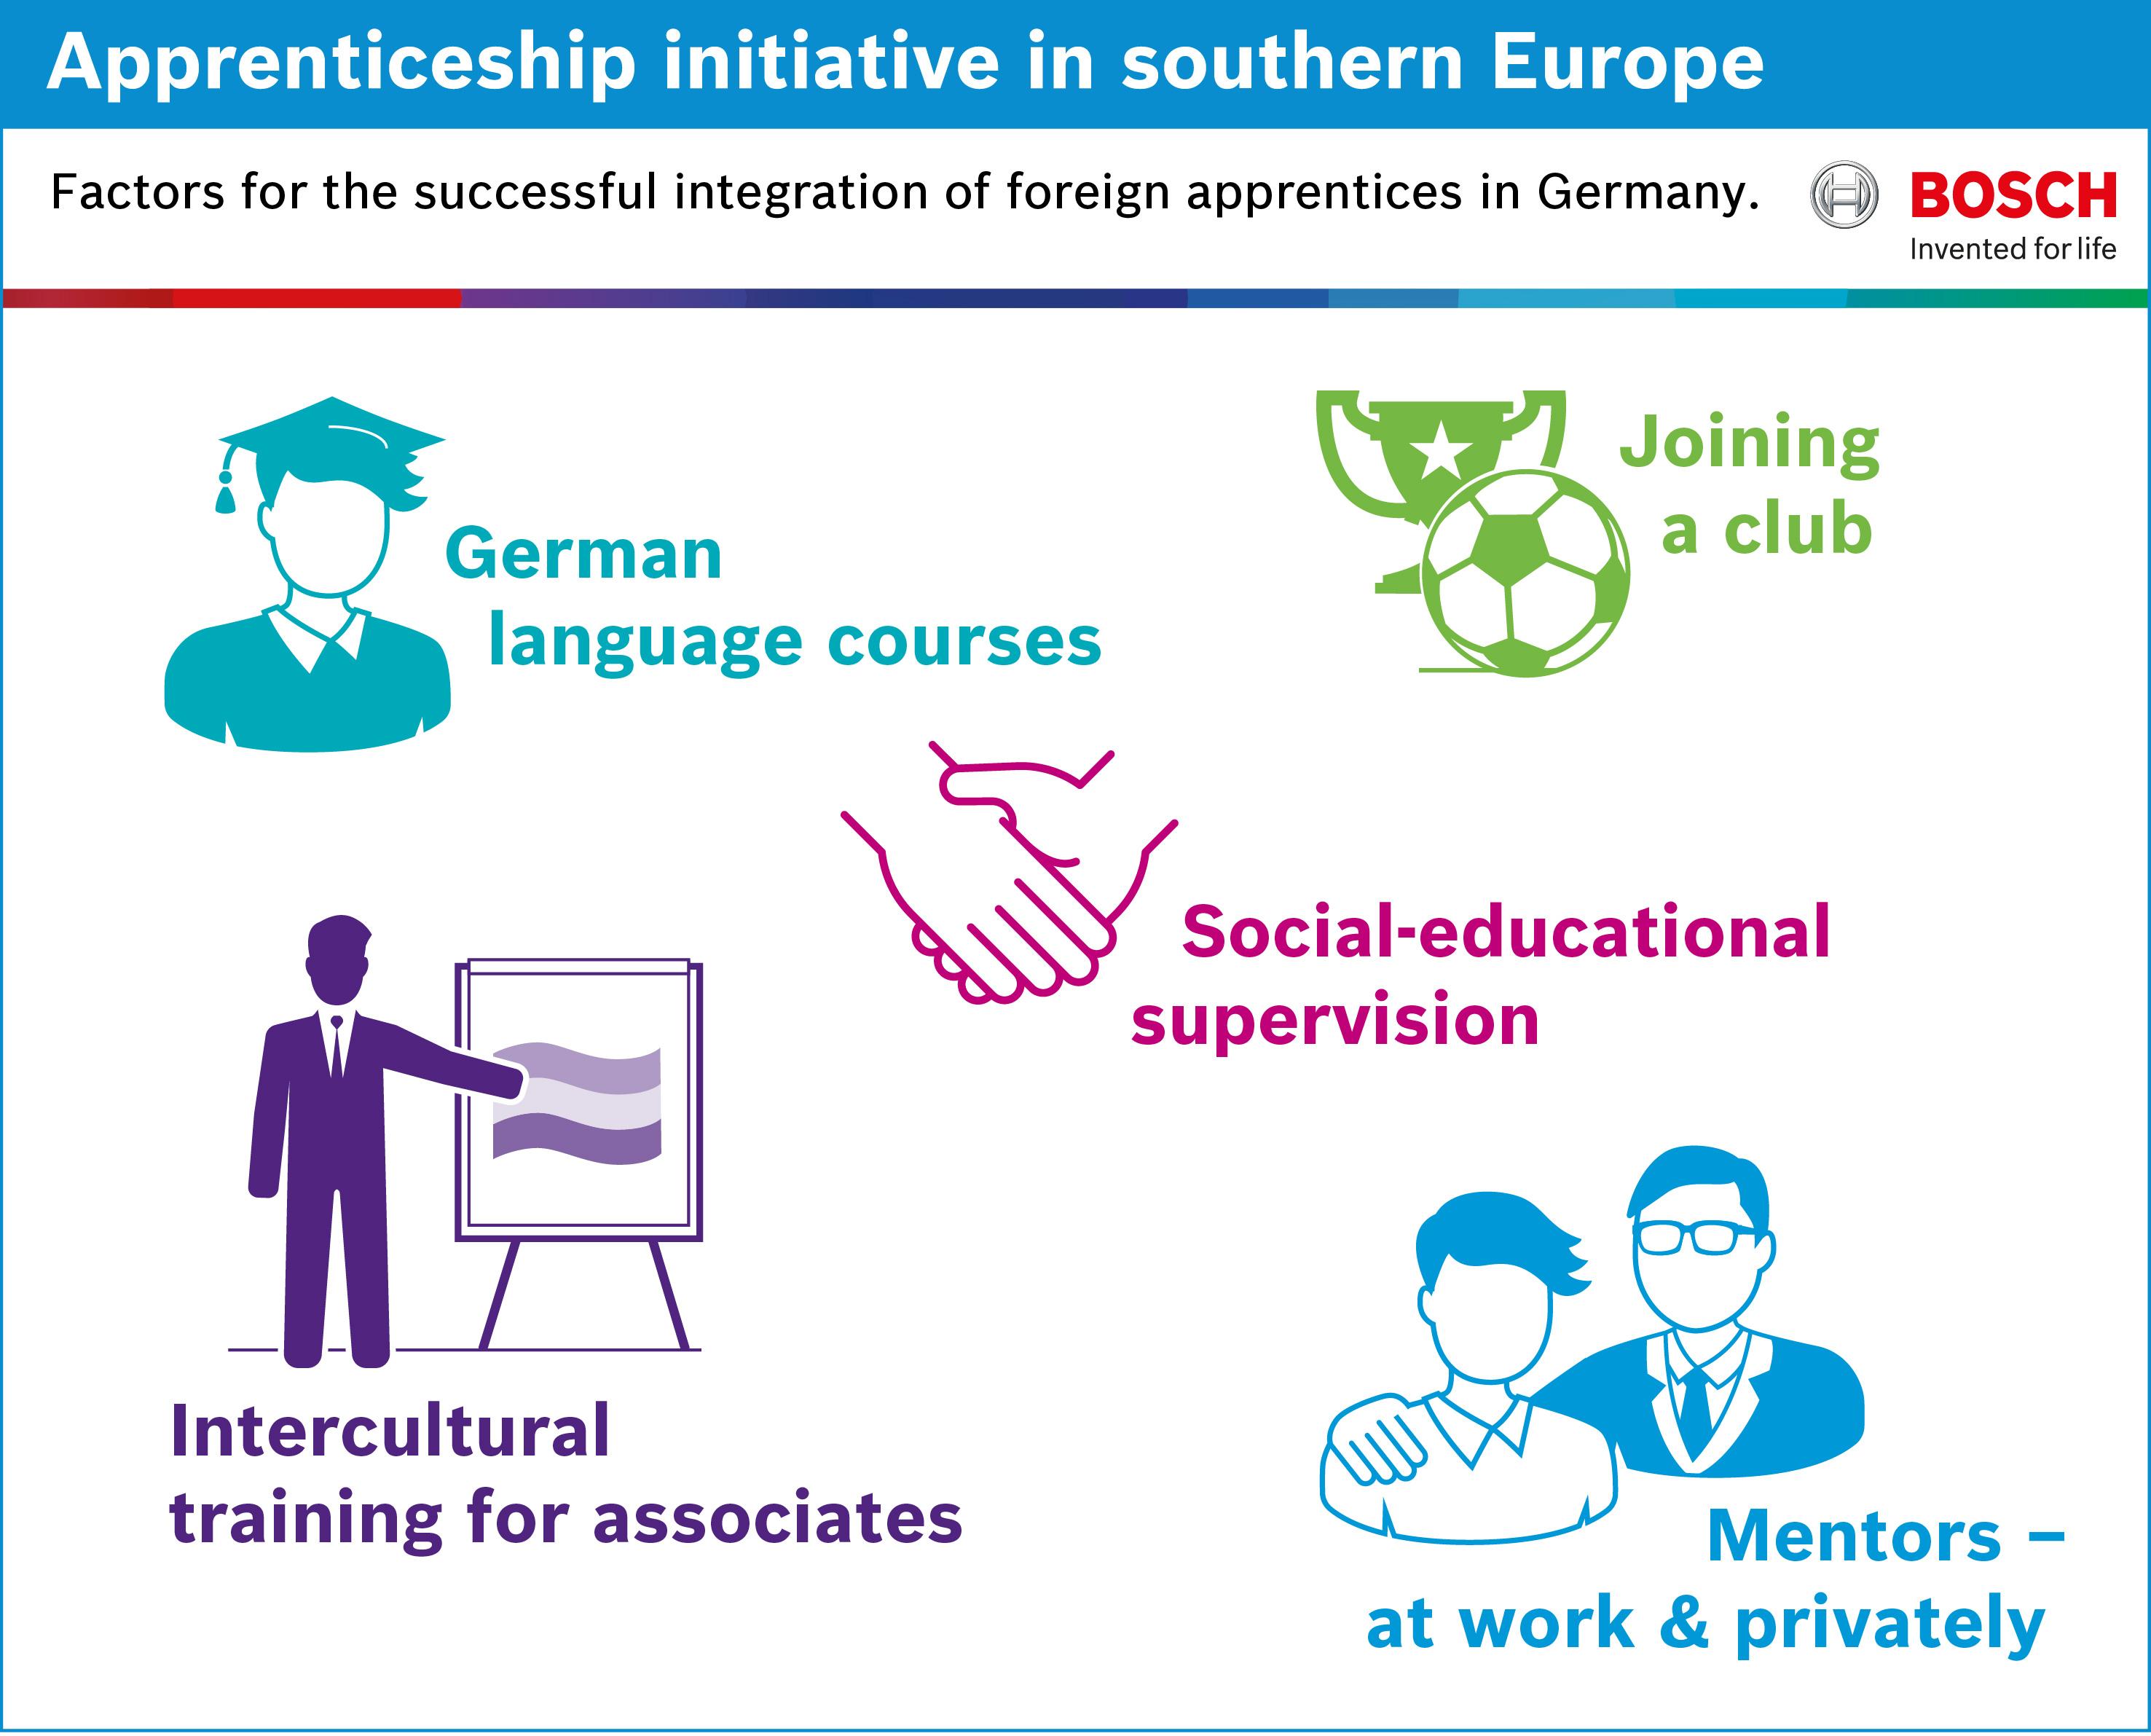 Ausbildungsinitiative Südeuropa – Maßnahmen für eine erfolgreiche Integration spanischer Azubis in Deutschland